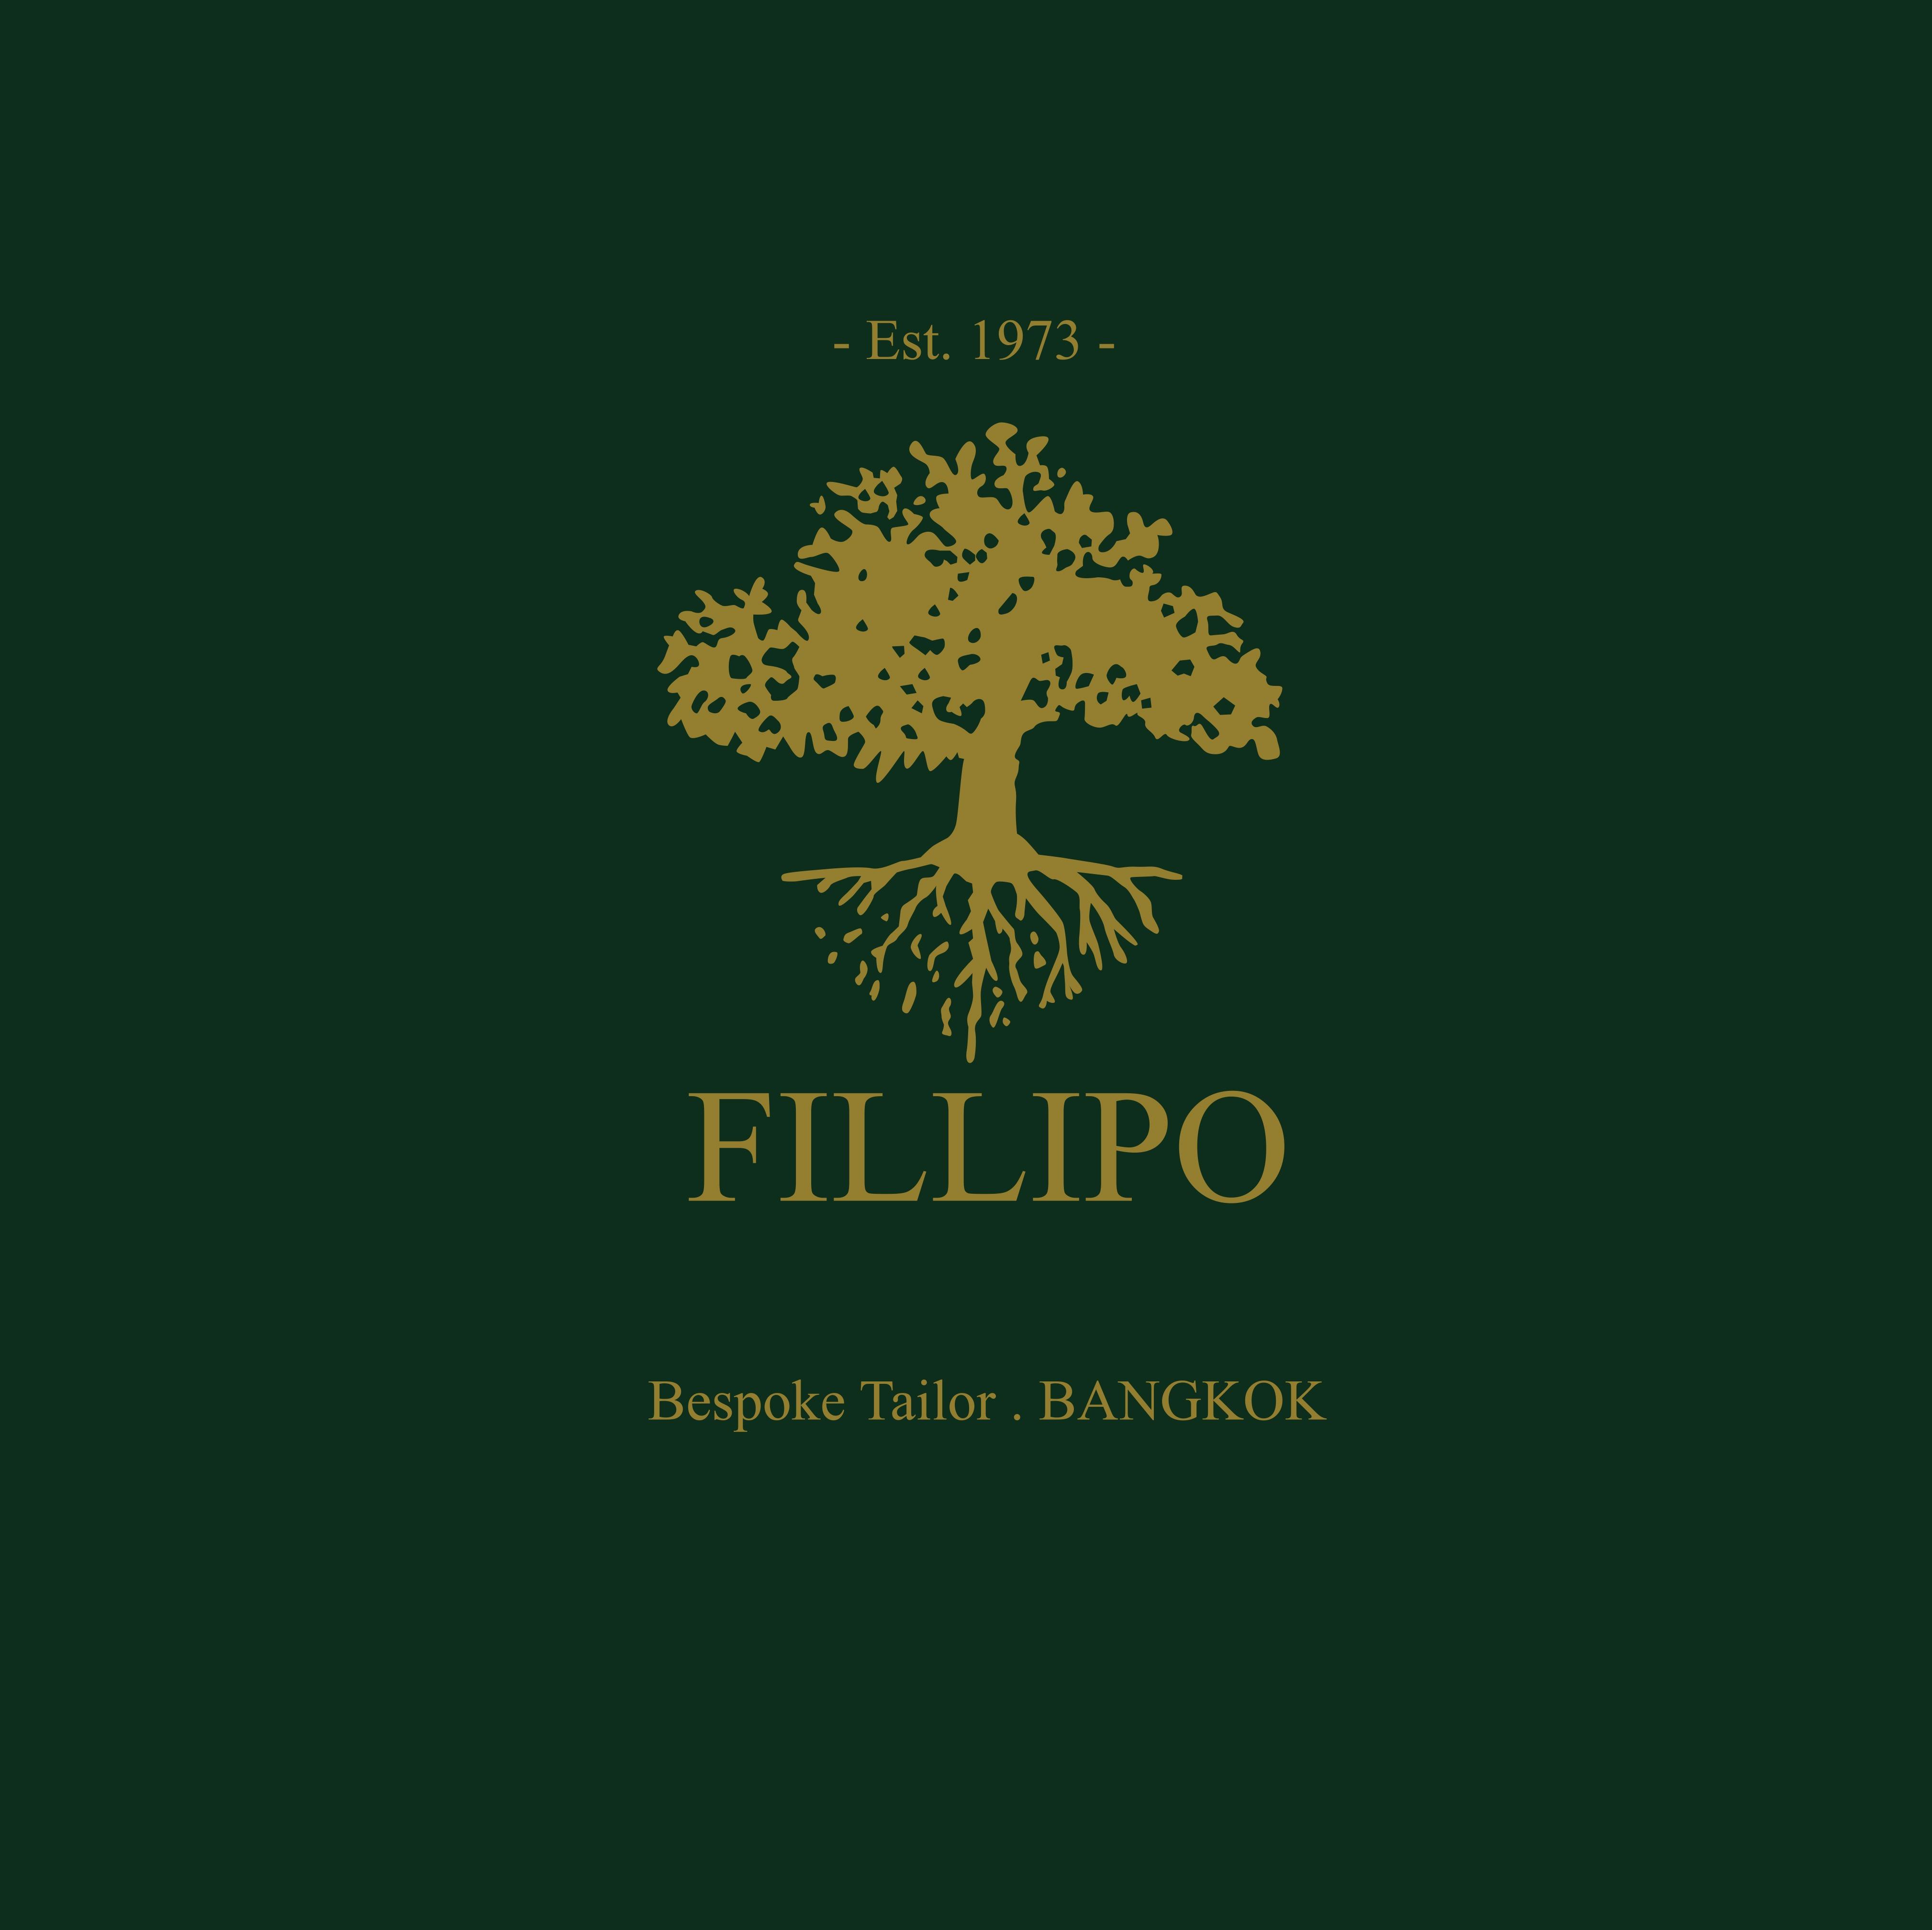 FILLIPO